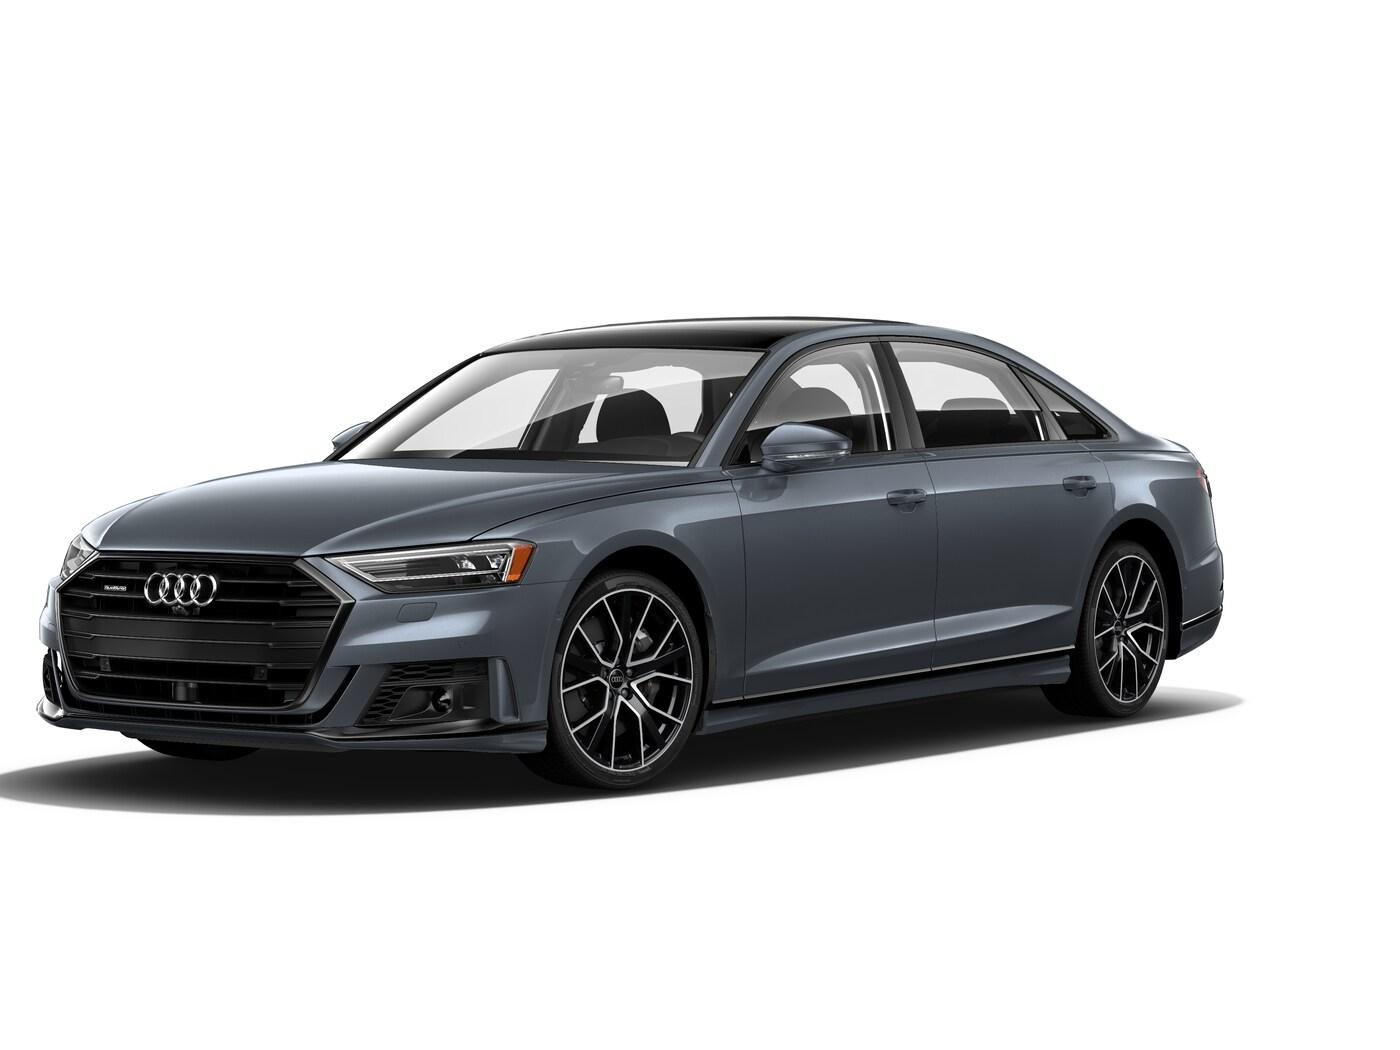 2021 Audi A8 Sedan